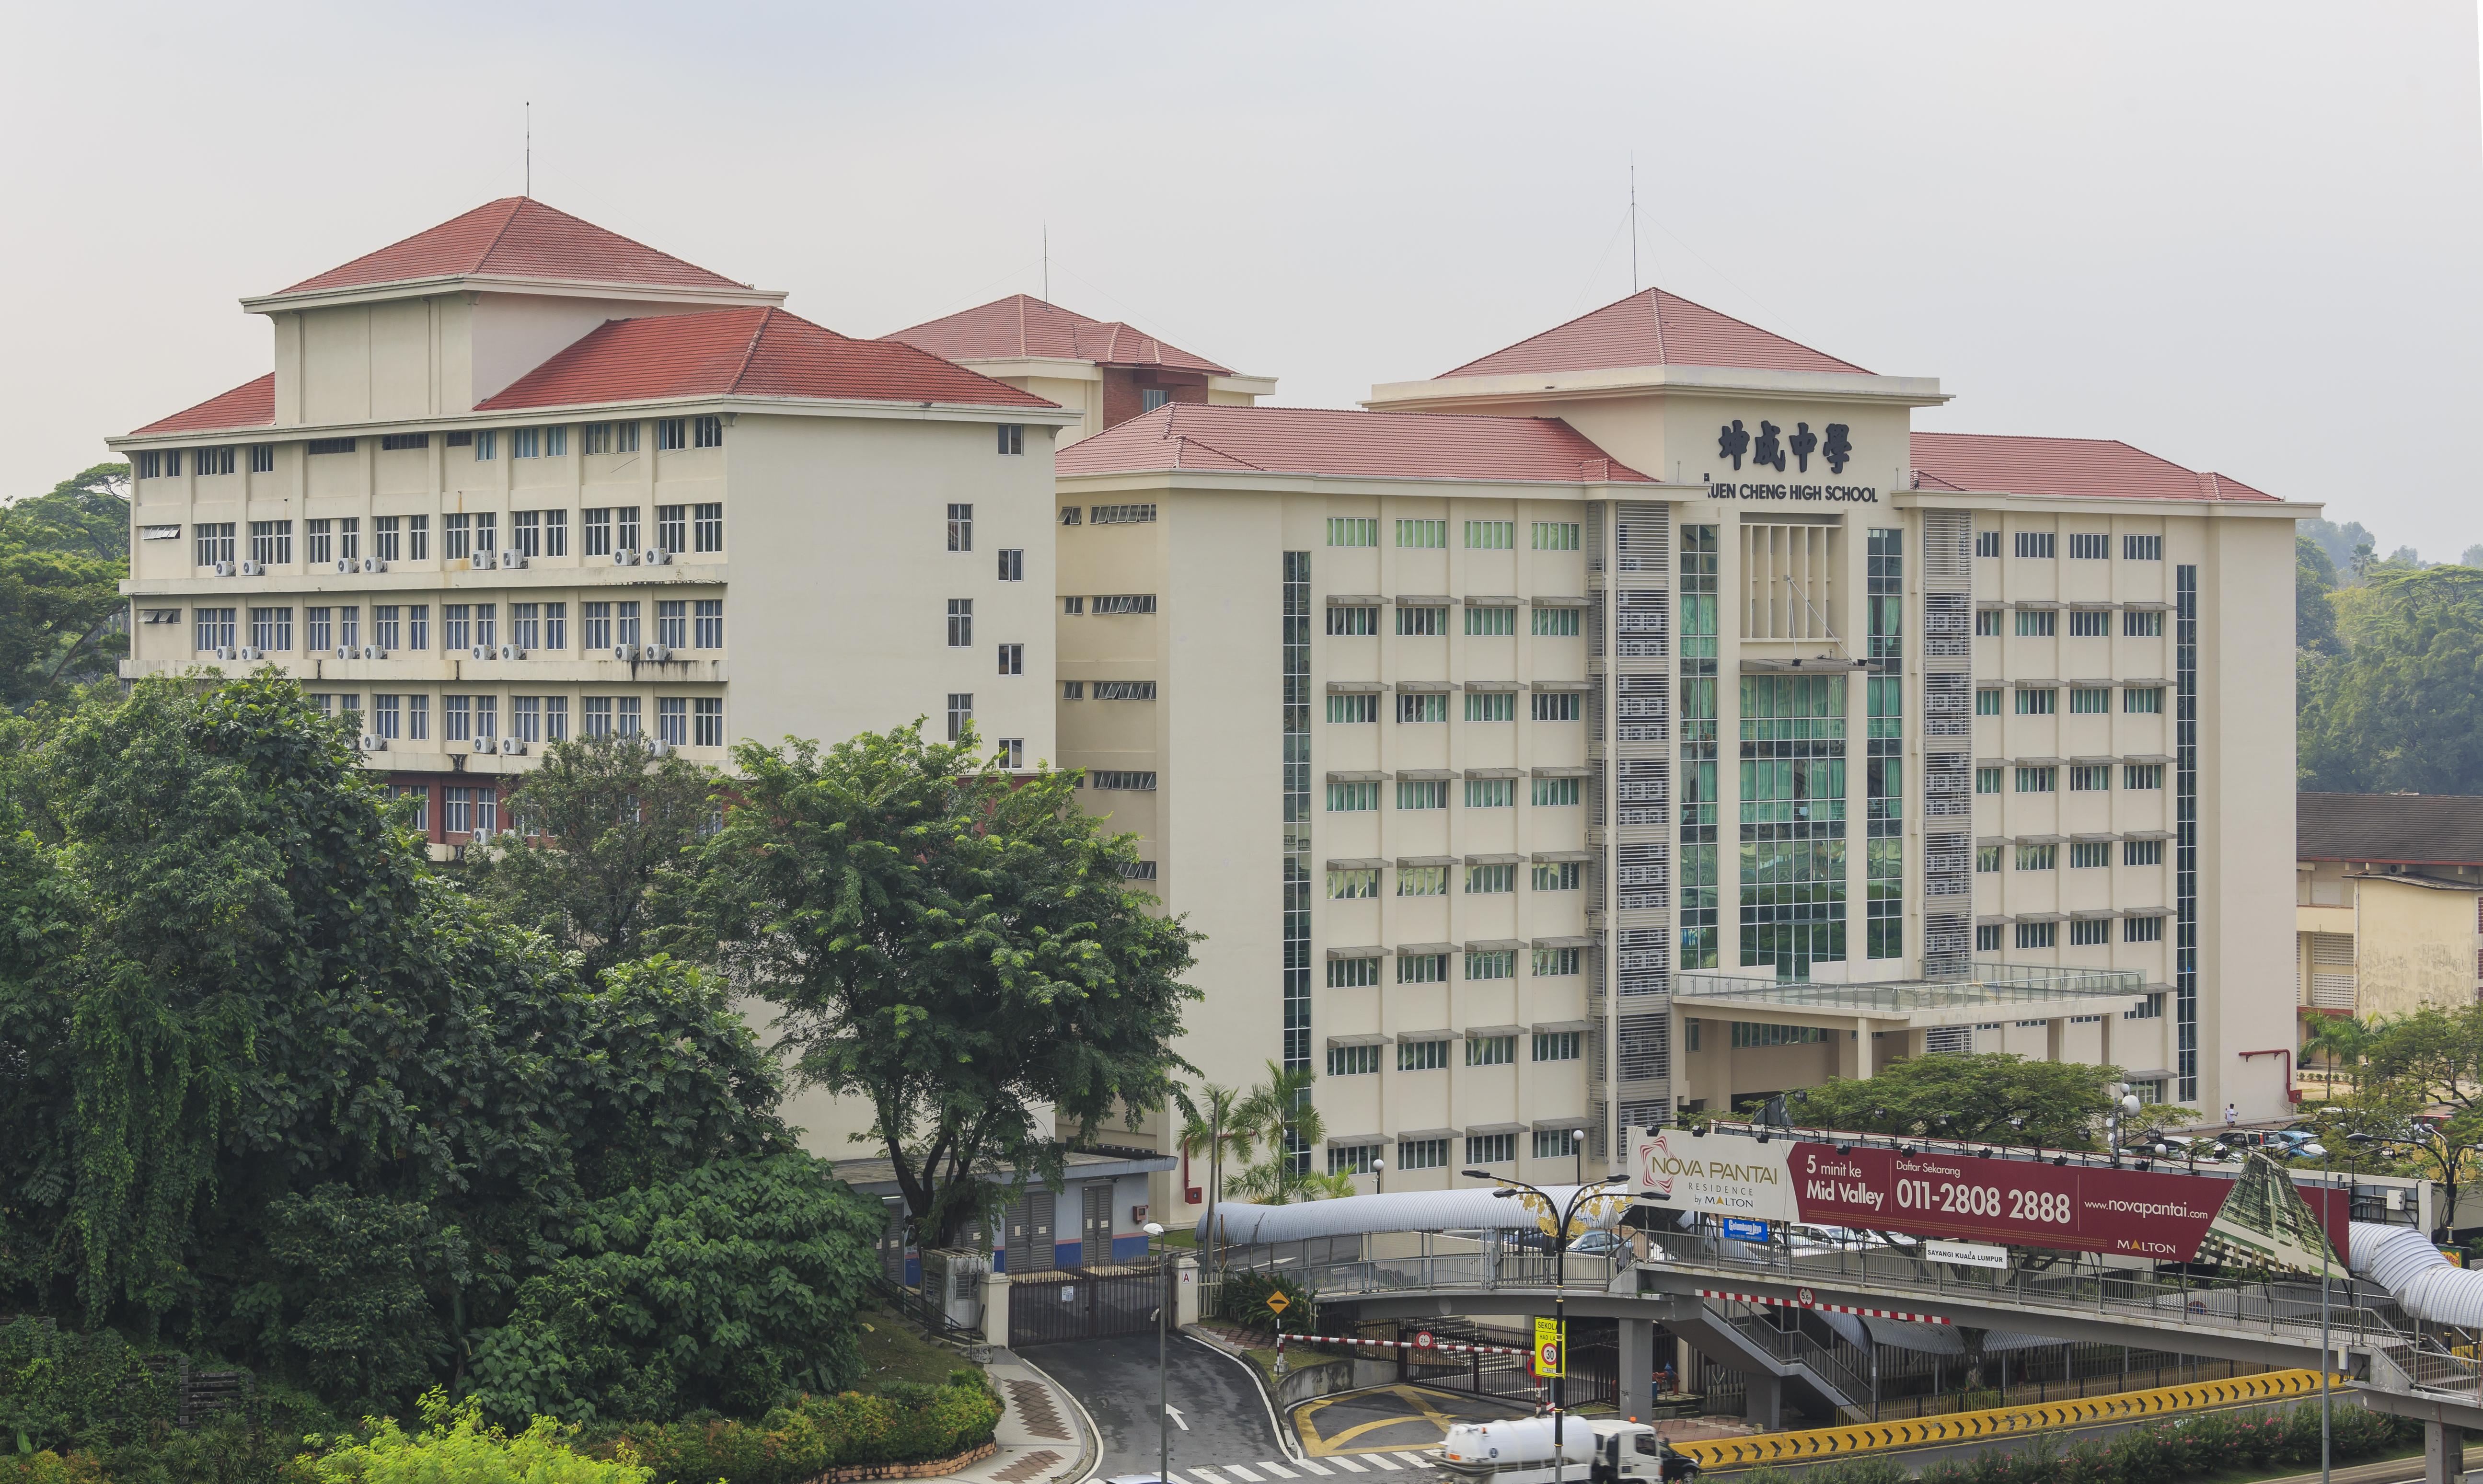 FileKuala Lumpur Malaysia Kuen Cheng High School 02jpg FileKuala Lumpur Malaysia